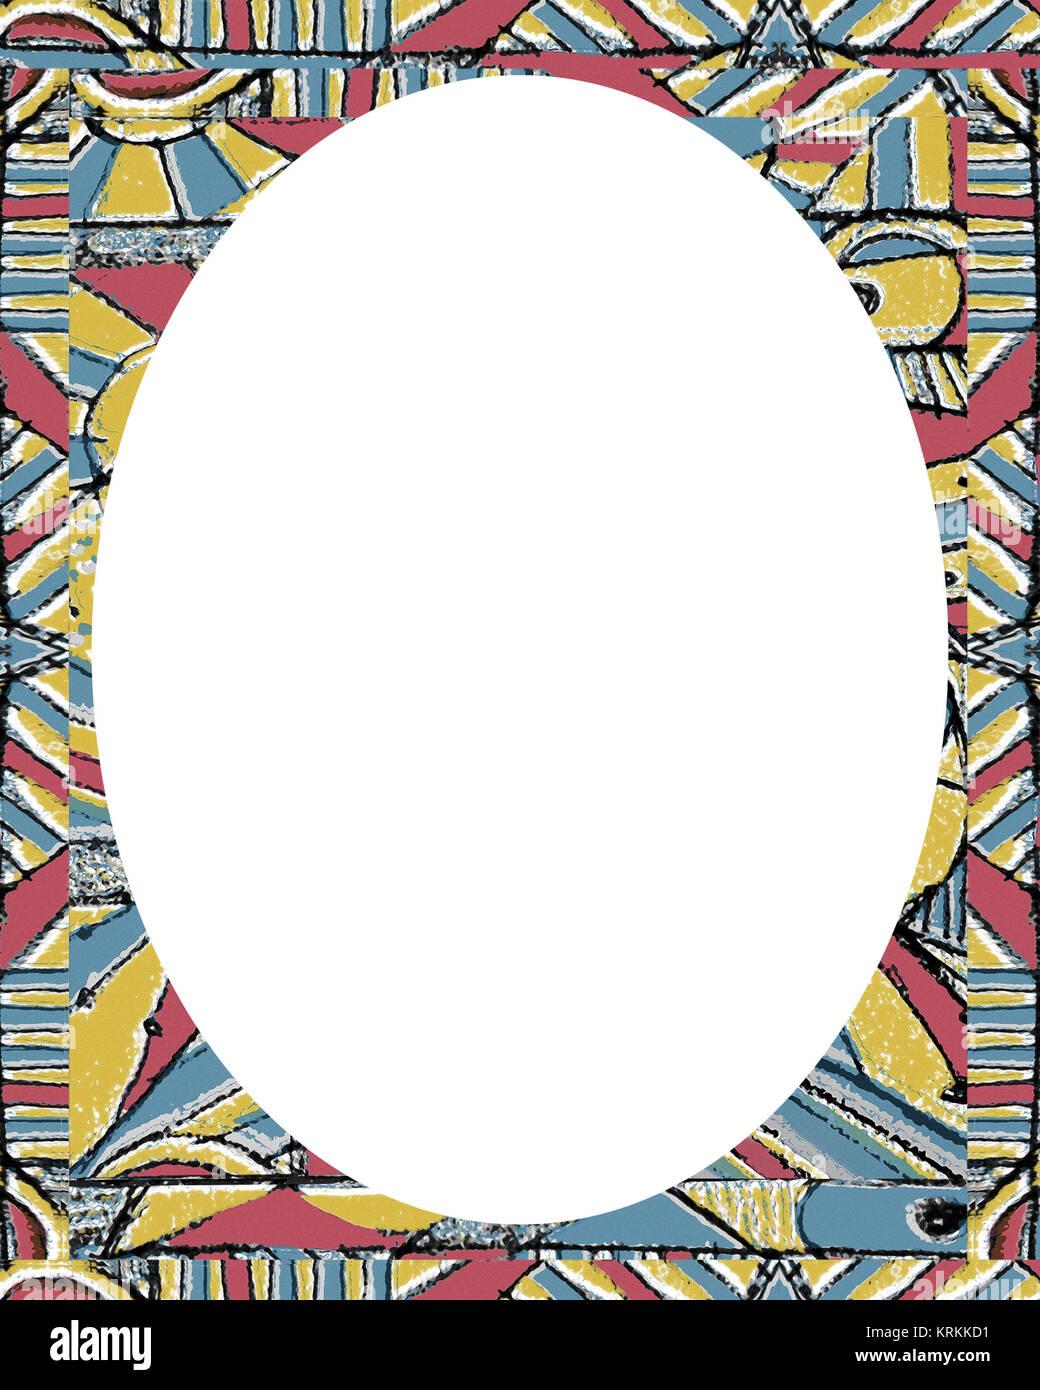 Kreis Rahmen Hintergrund mit farbigen Grenzen Stockfoto, Bild ...